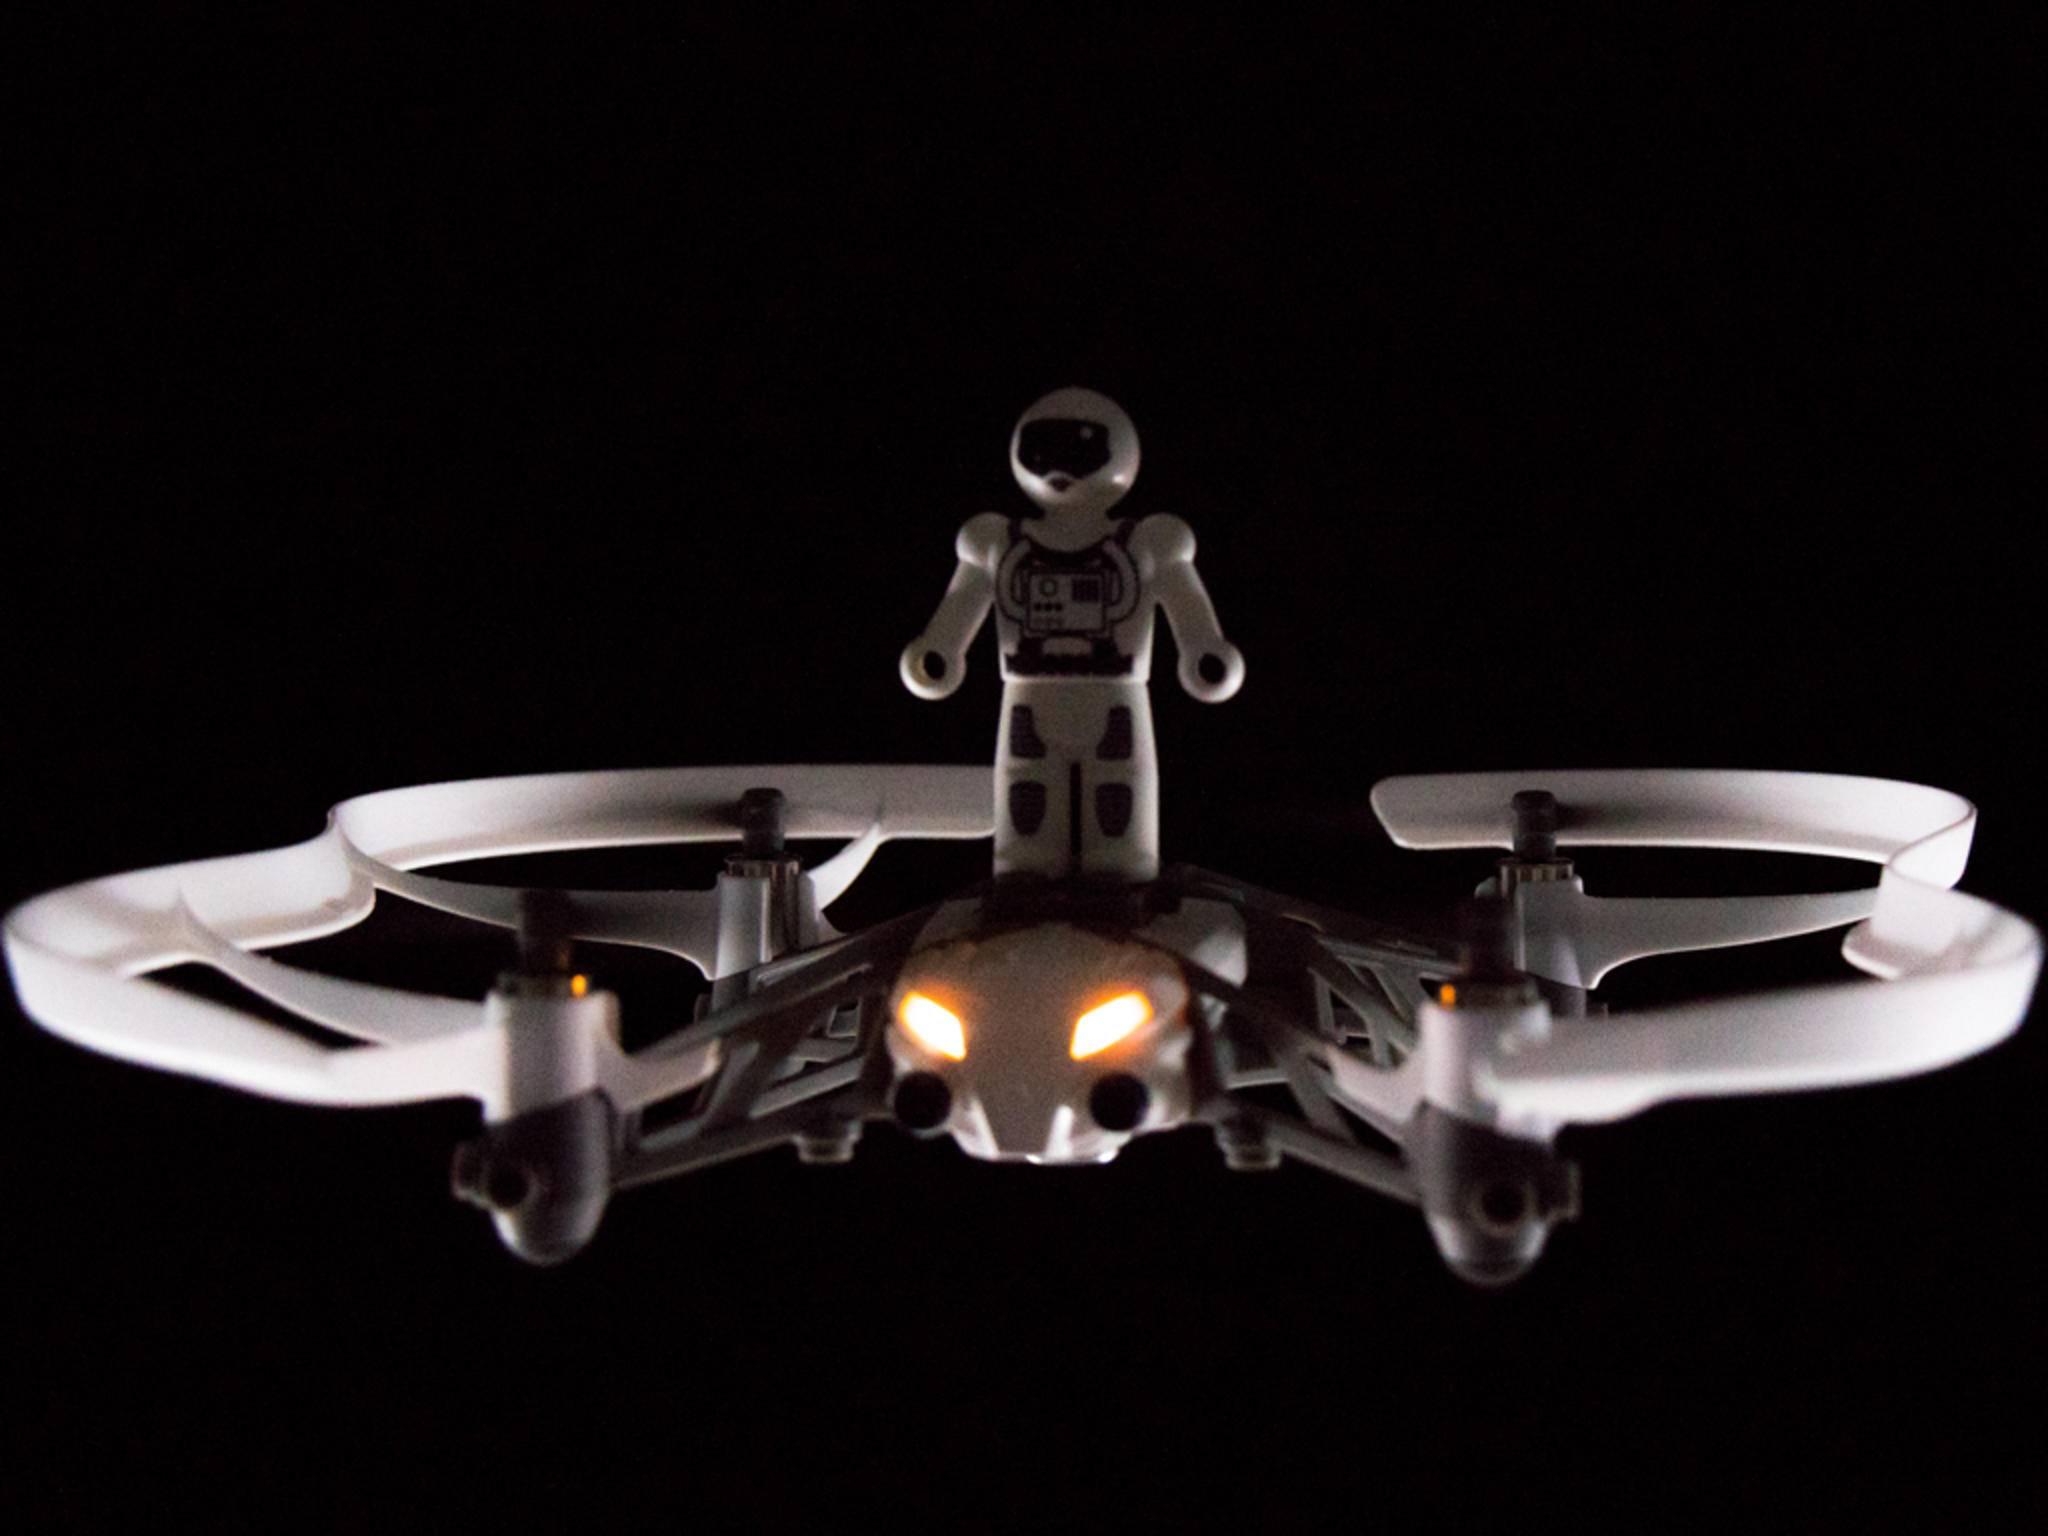 Die Drohne Parrot Airborne Cargo ist gut für Einsteiger geeignet.